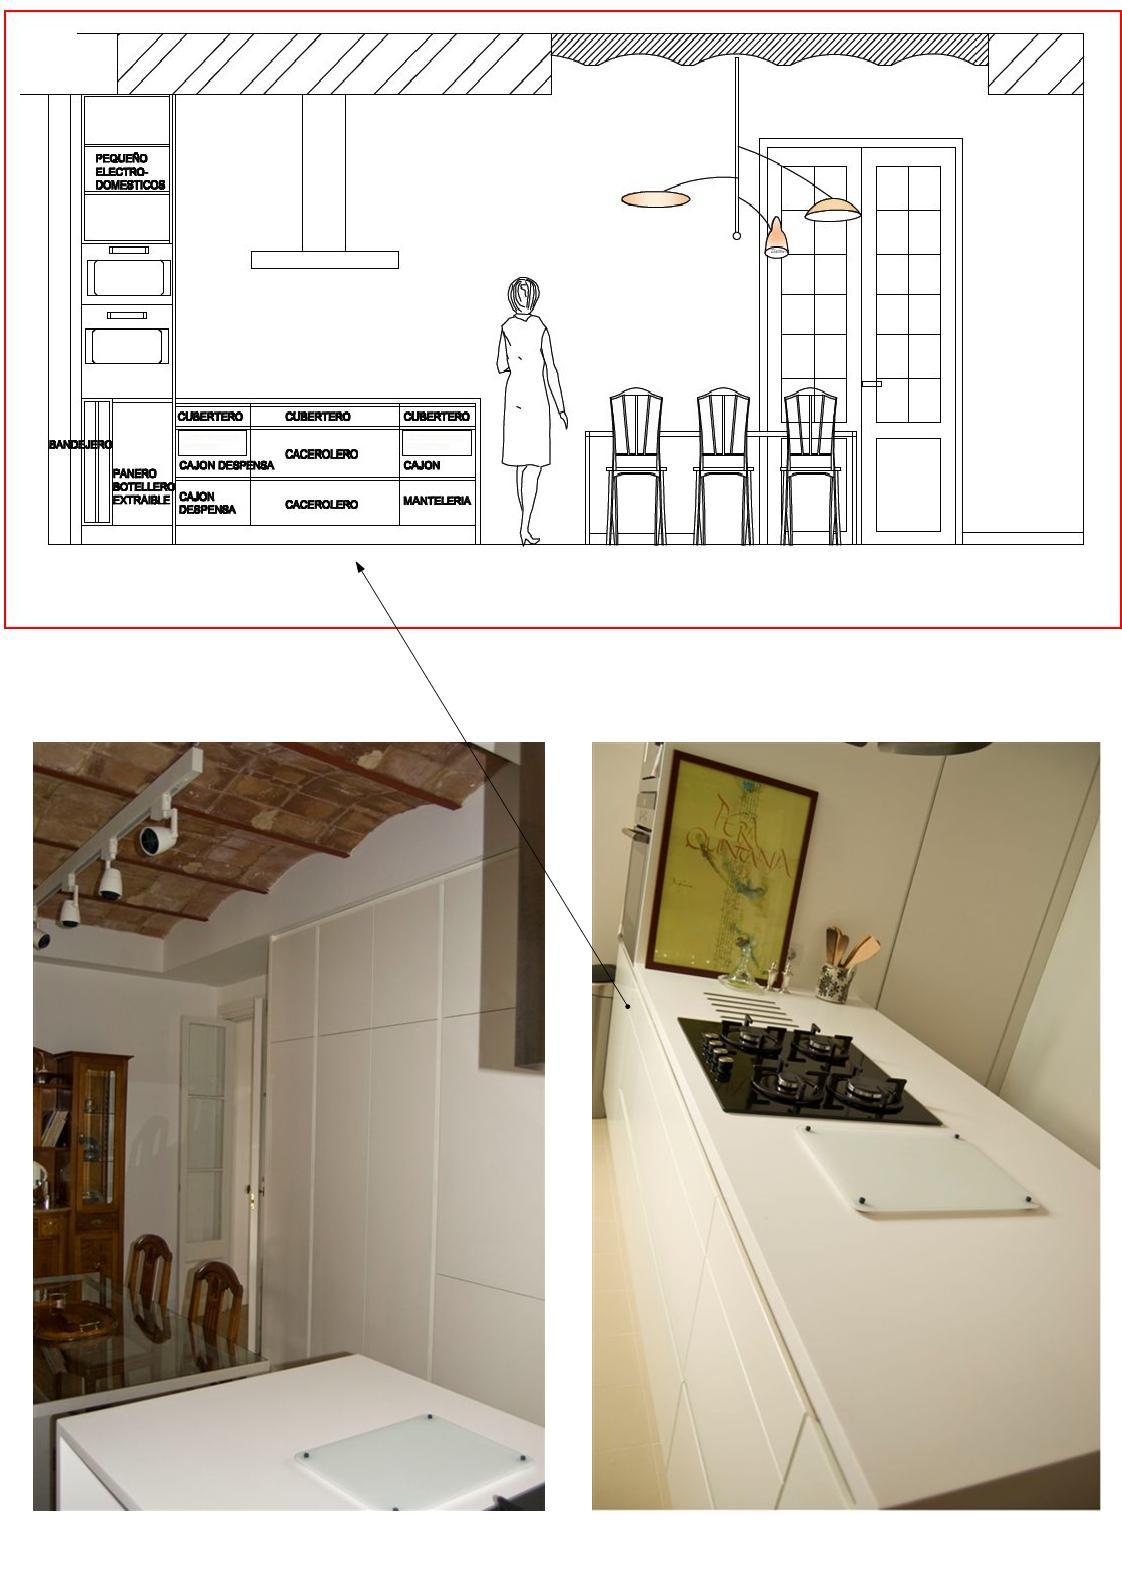 Carpinteria muebles a medida mobiliario de cocina en dm for Medidas isla cocina